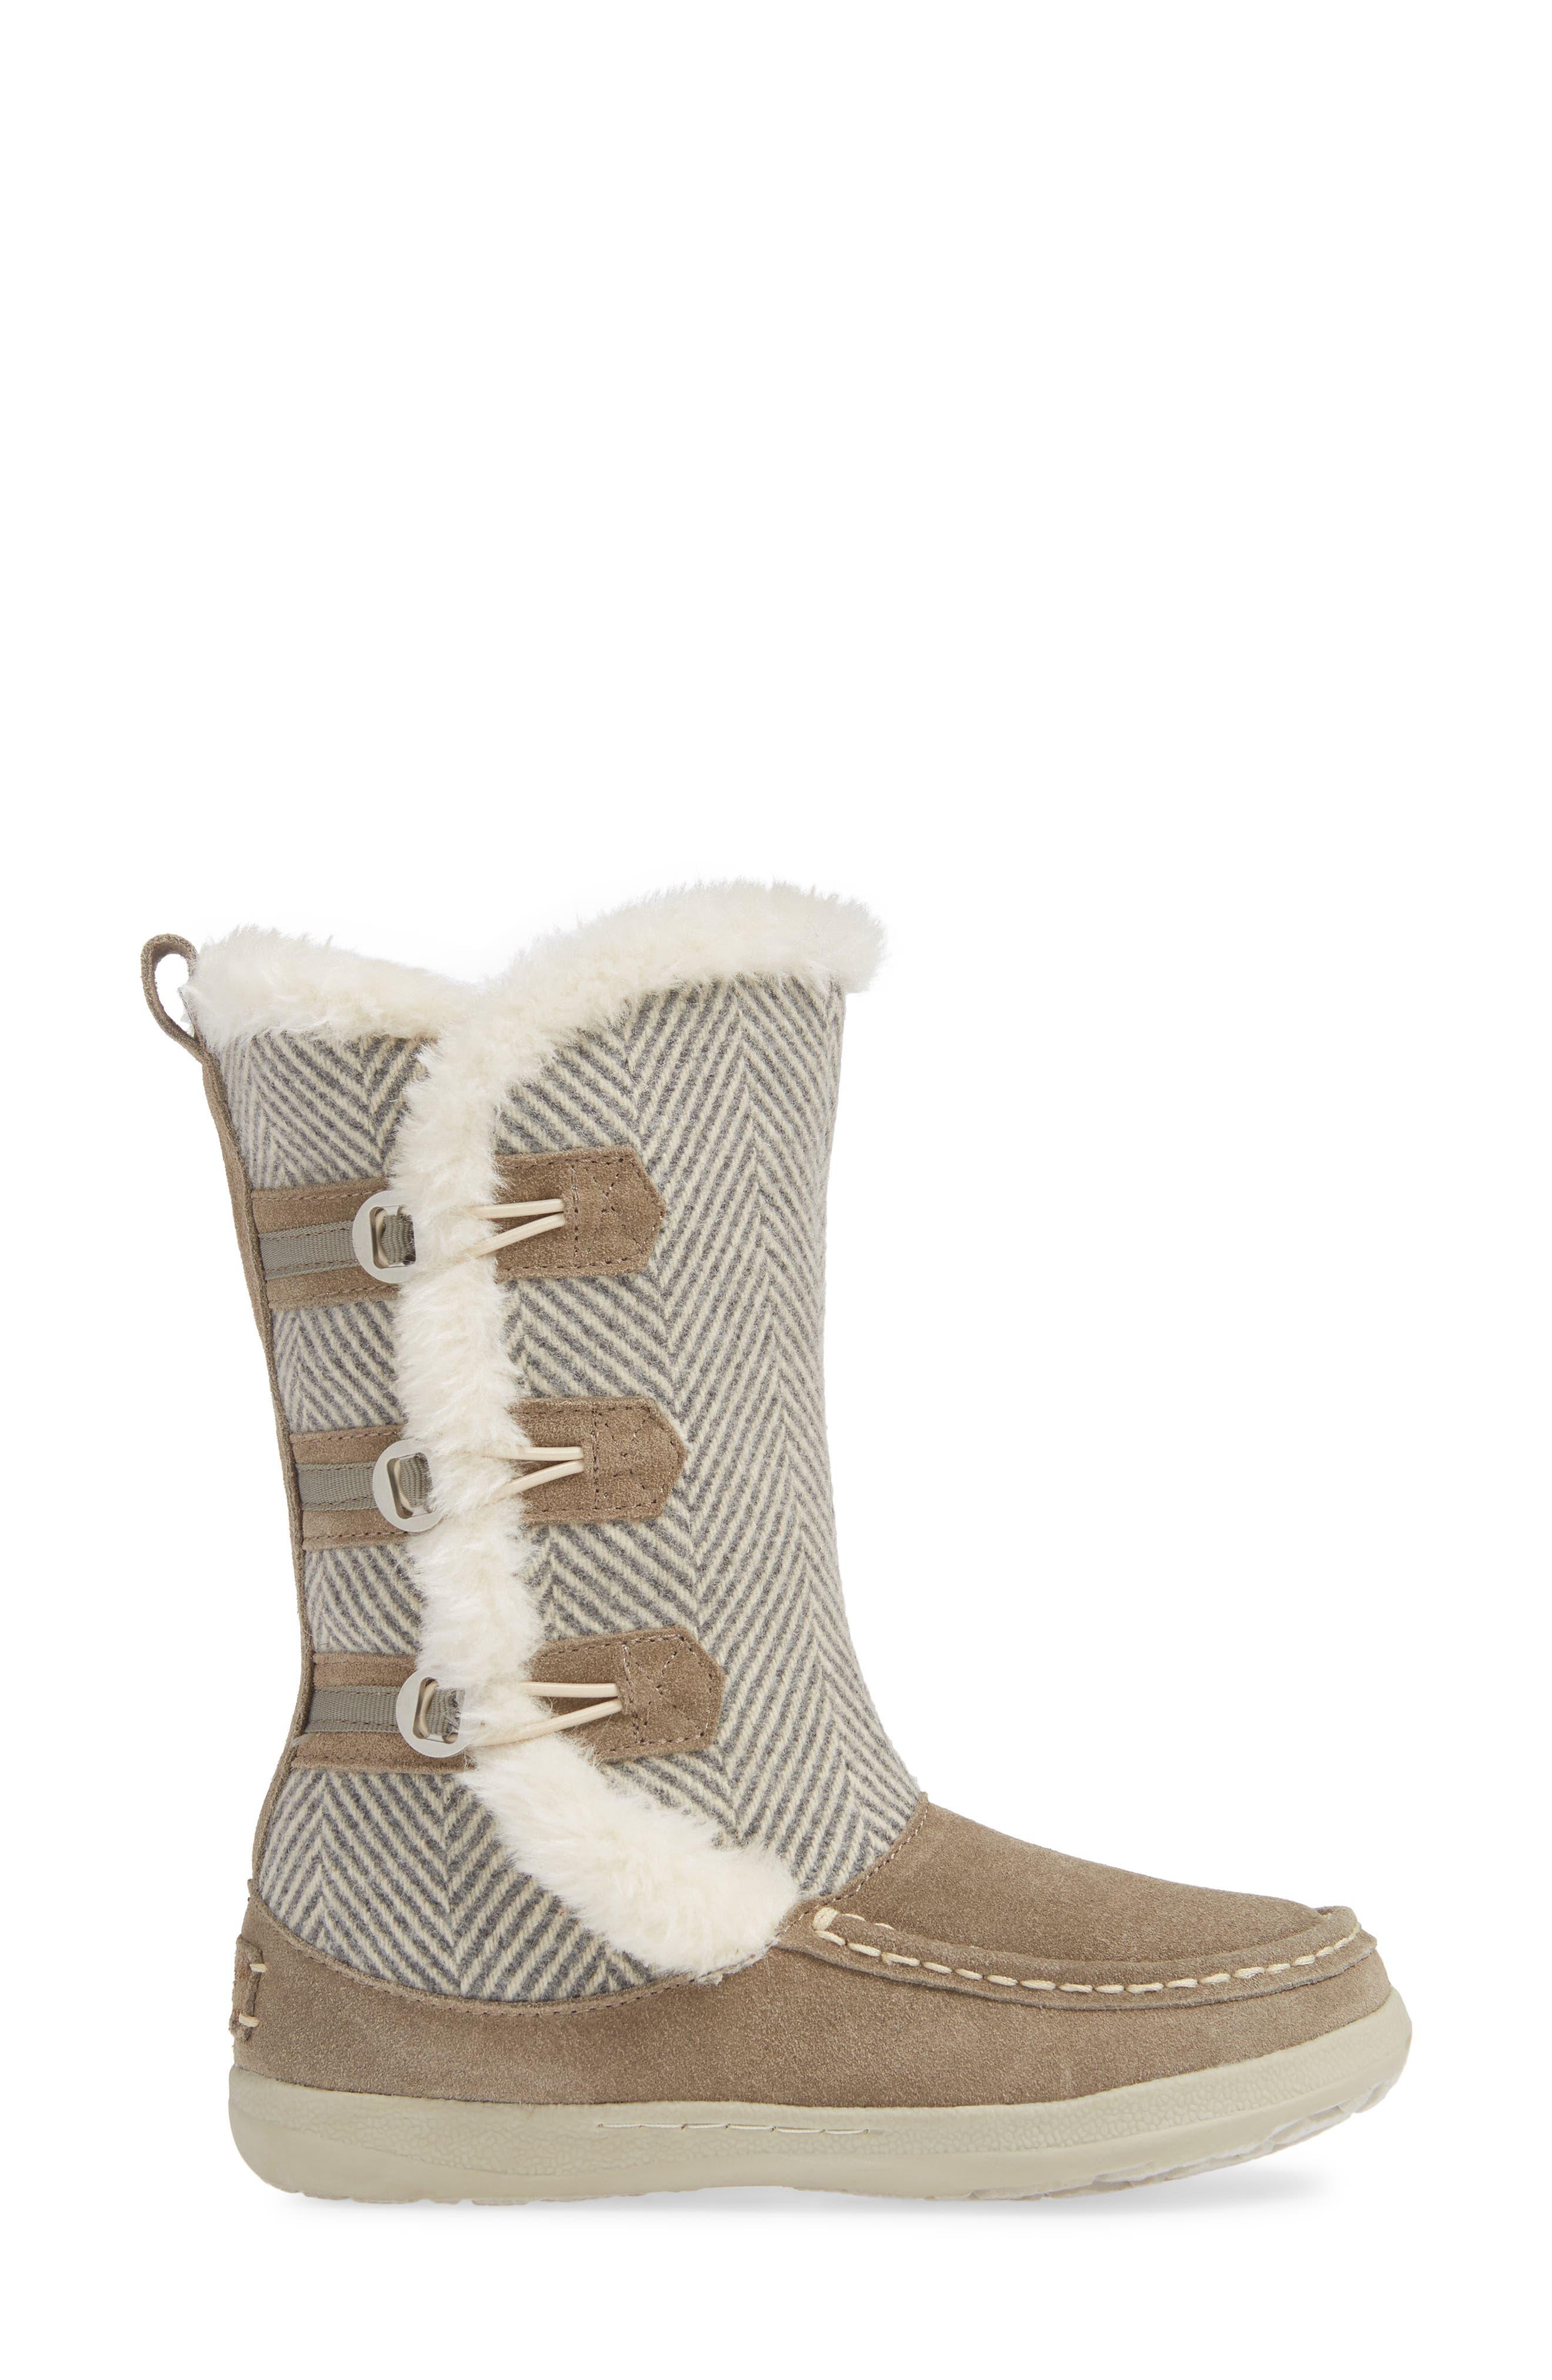 Elk Creek II Boot,                             Alternate thumbnail 3, color,                             STEEL/ HERRINGBONE SUEDE